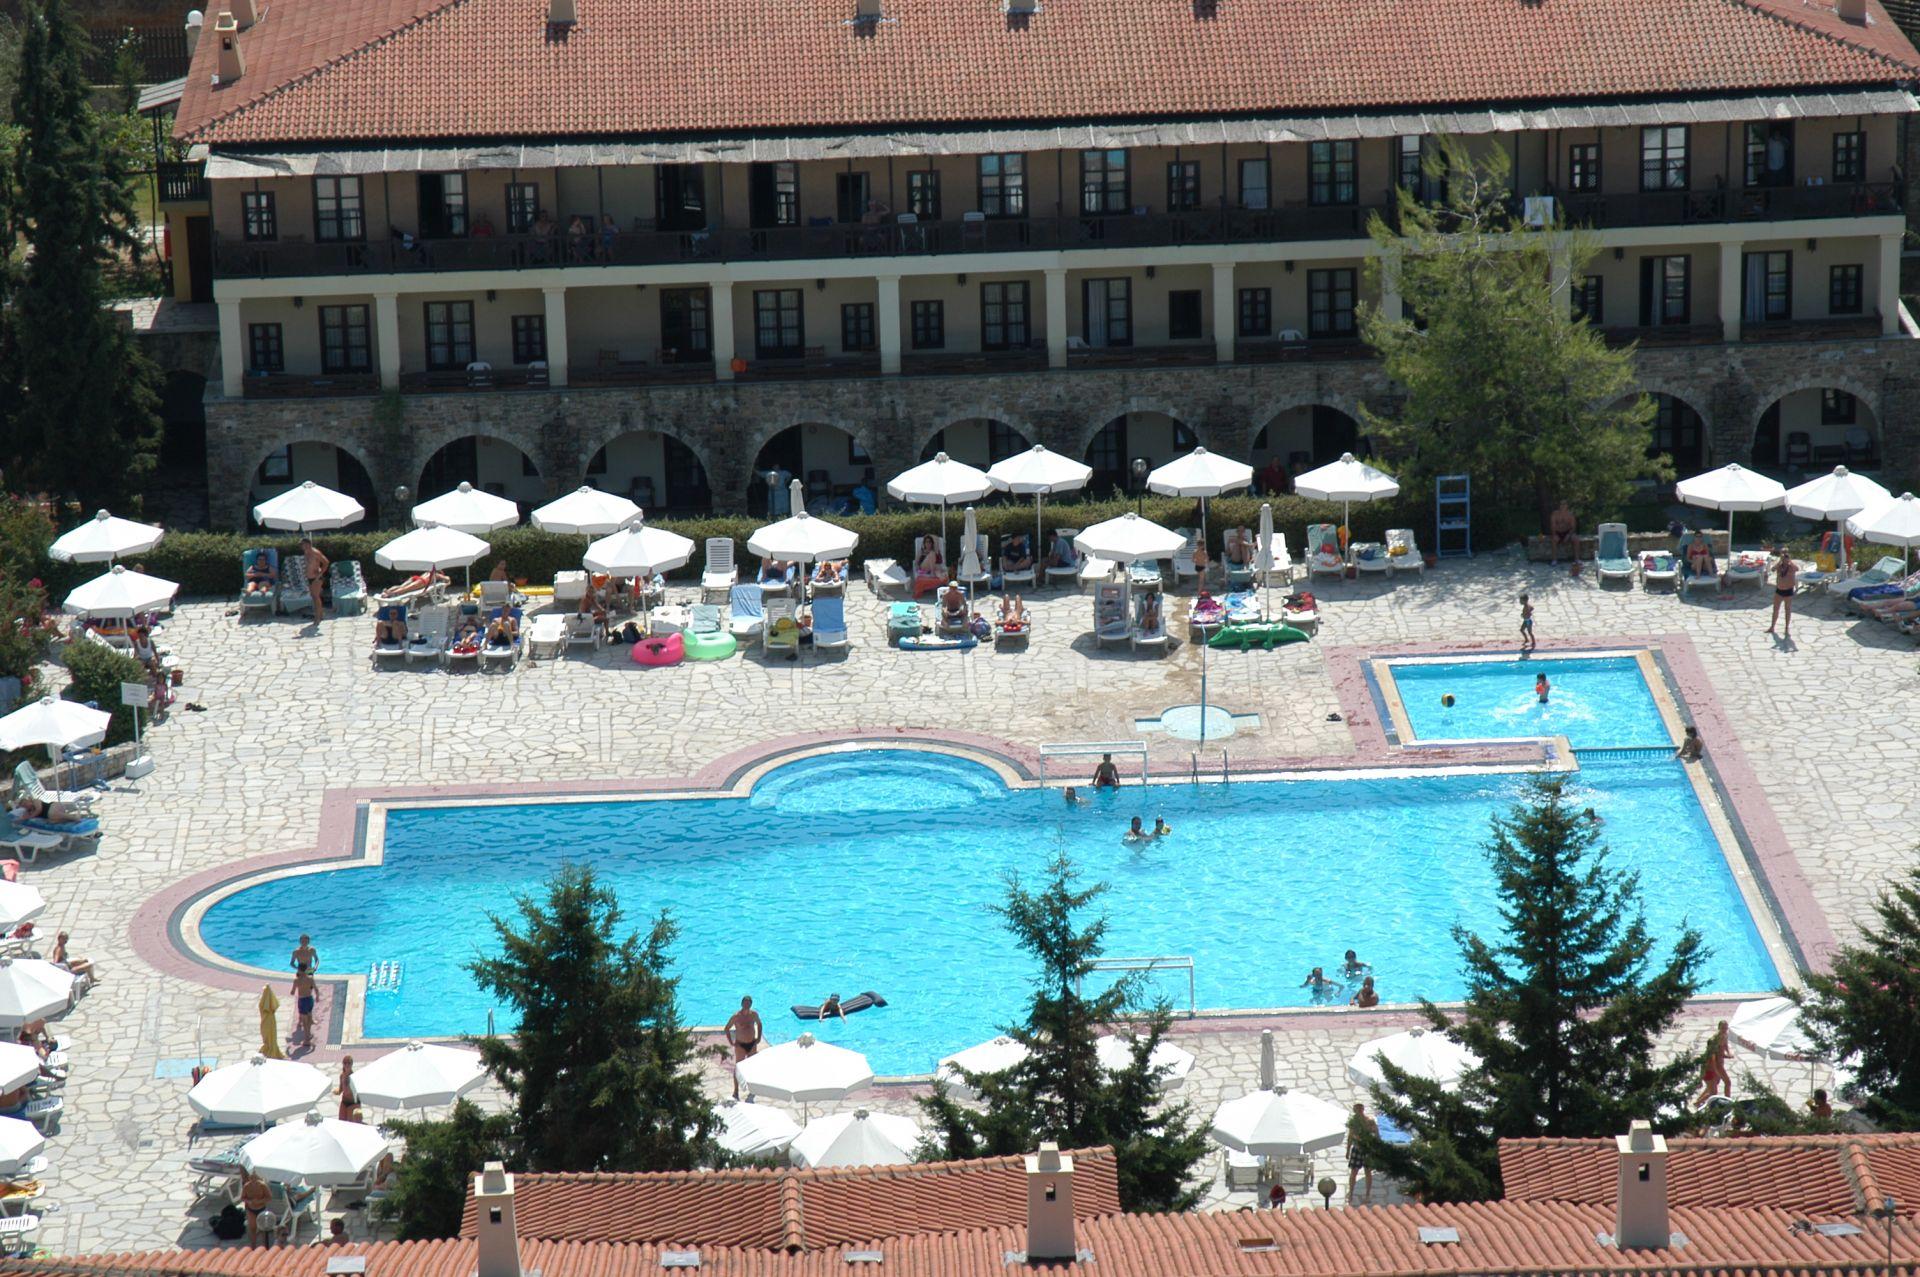 letovanje/grcka/grcka-hoteli/kasandra/nea-fokea/hotel-simantro-beach/hotel-simantro-beach-1.JPG